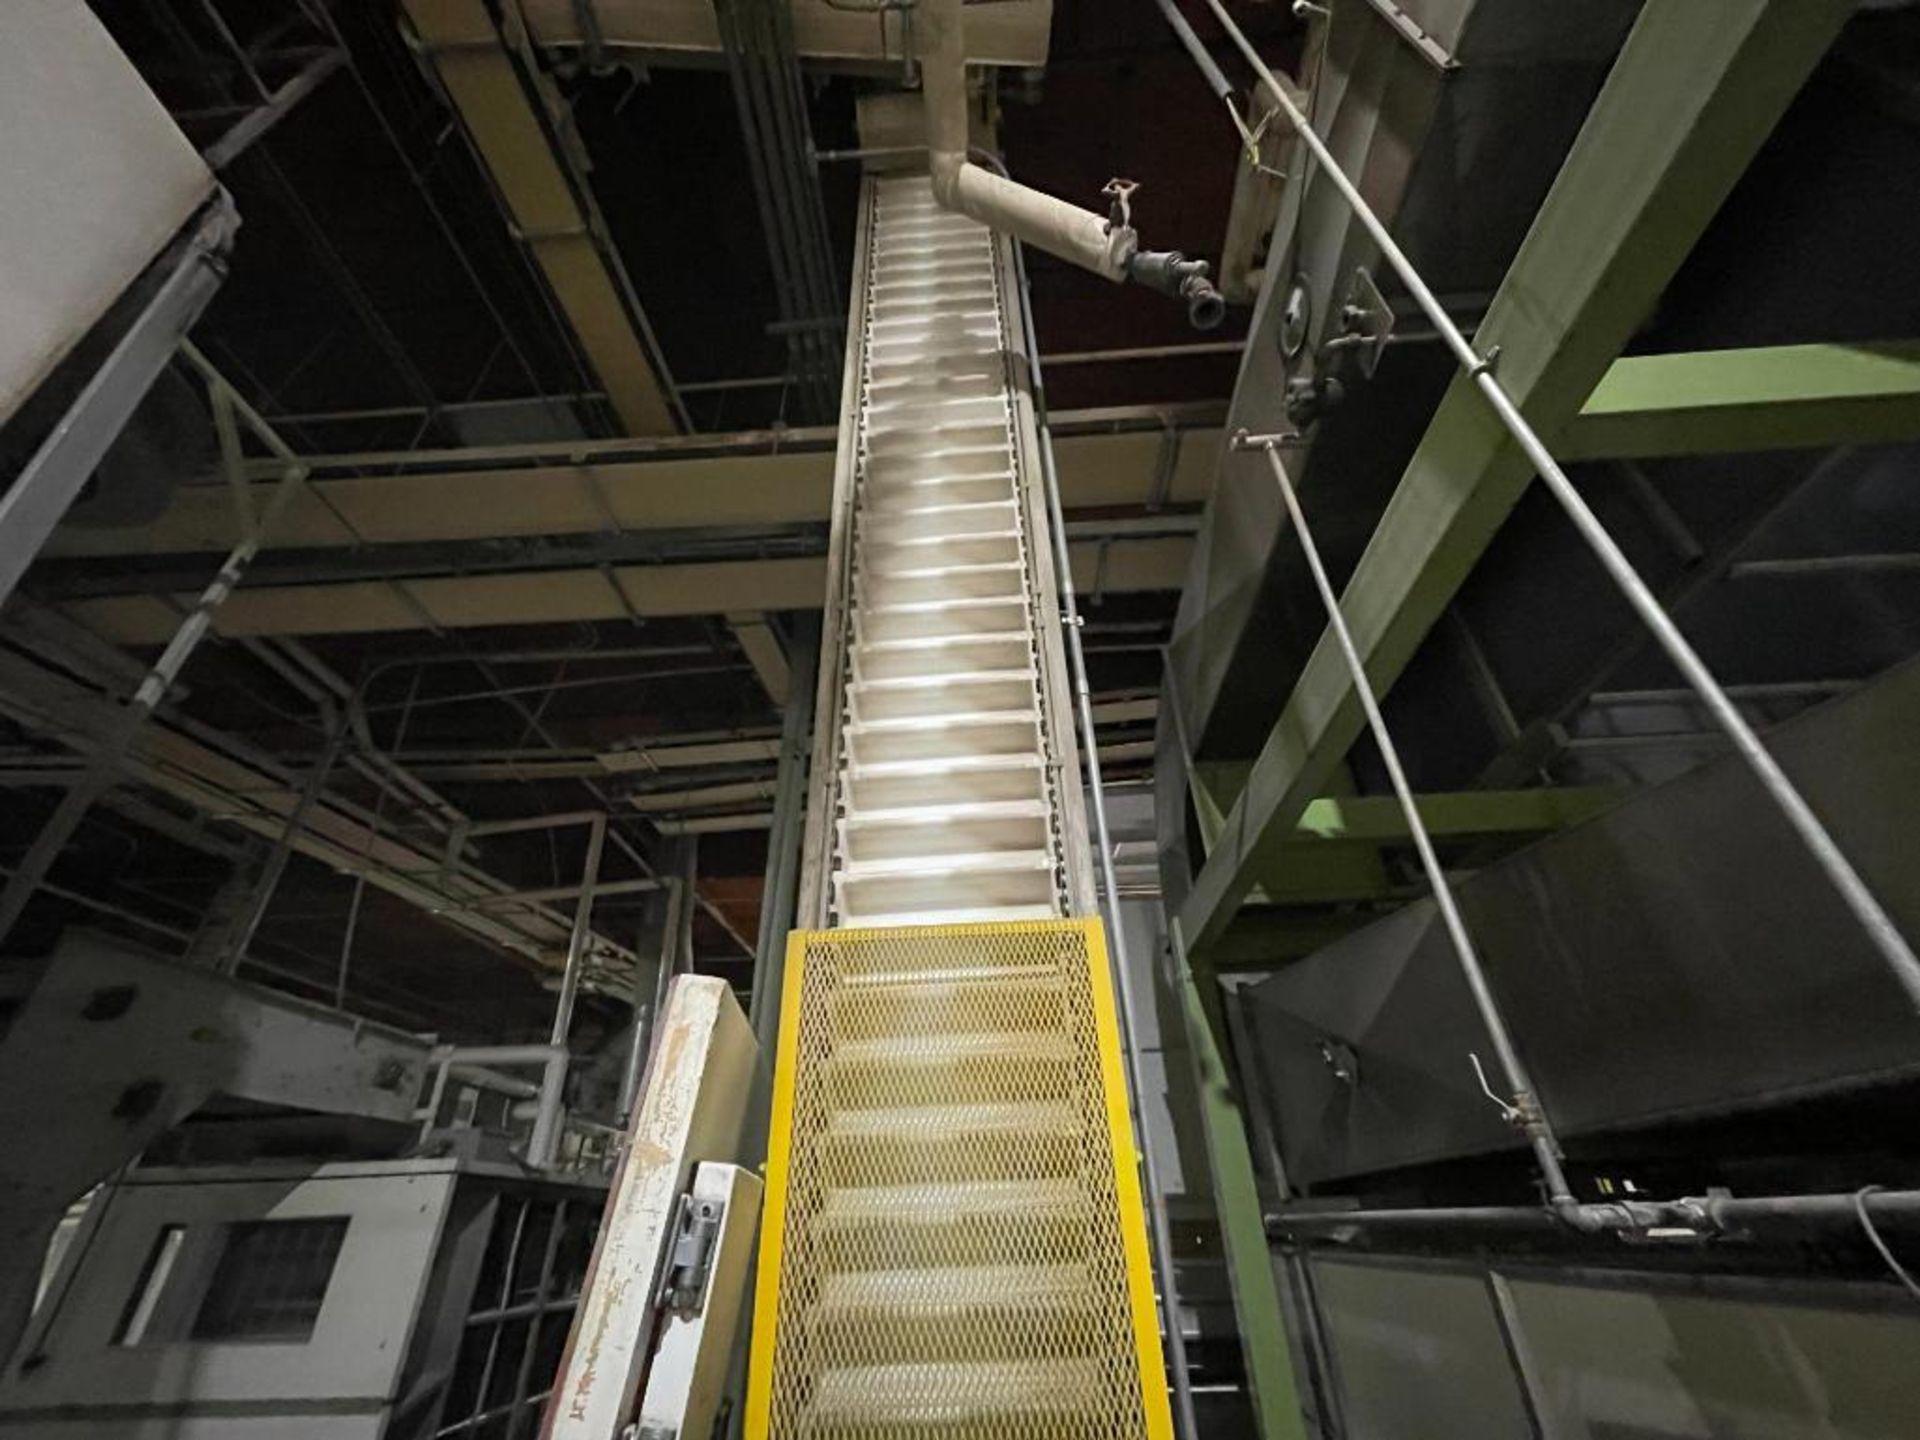 Aseeco overlapping bucket elevator - Image 6 of 14